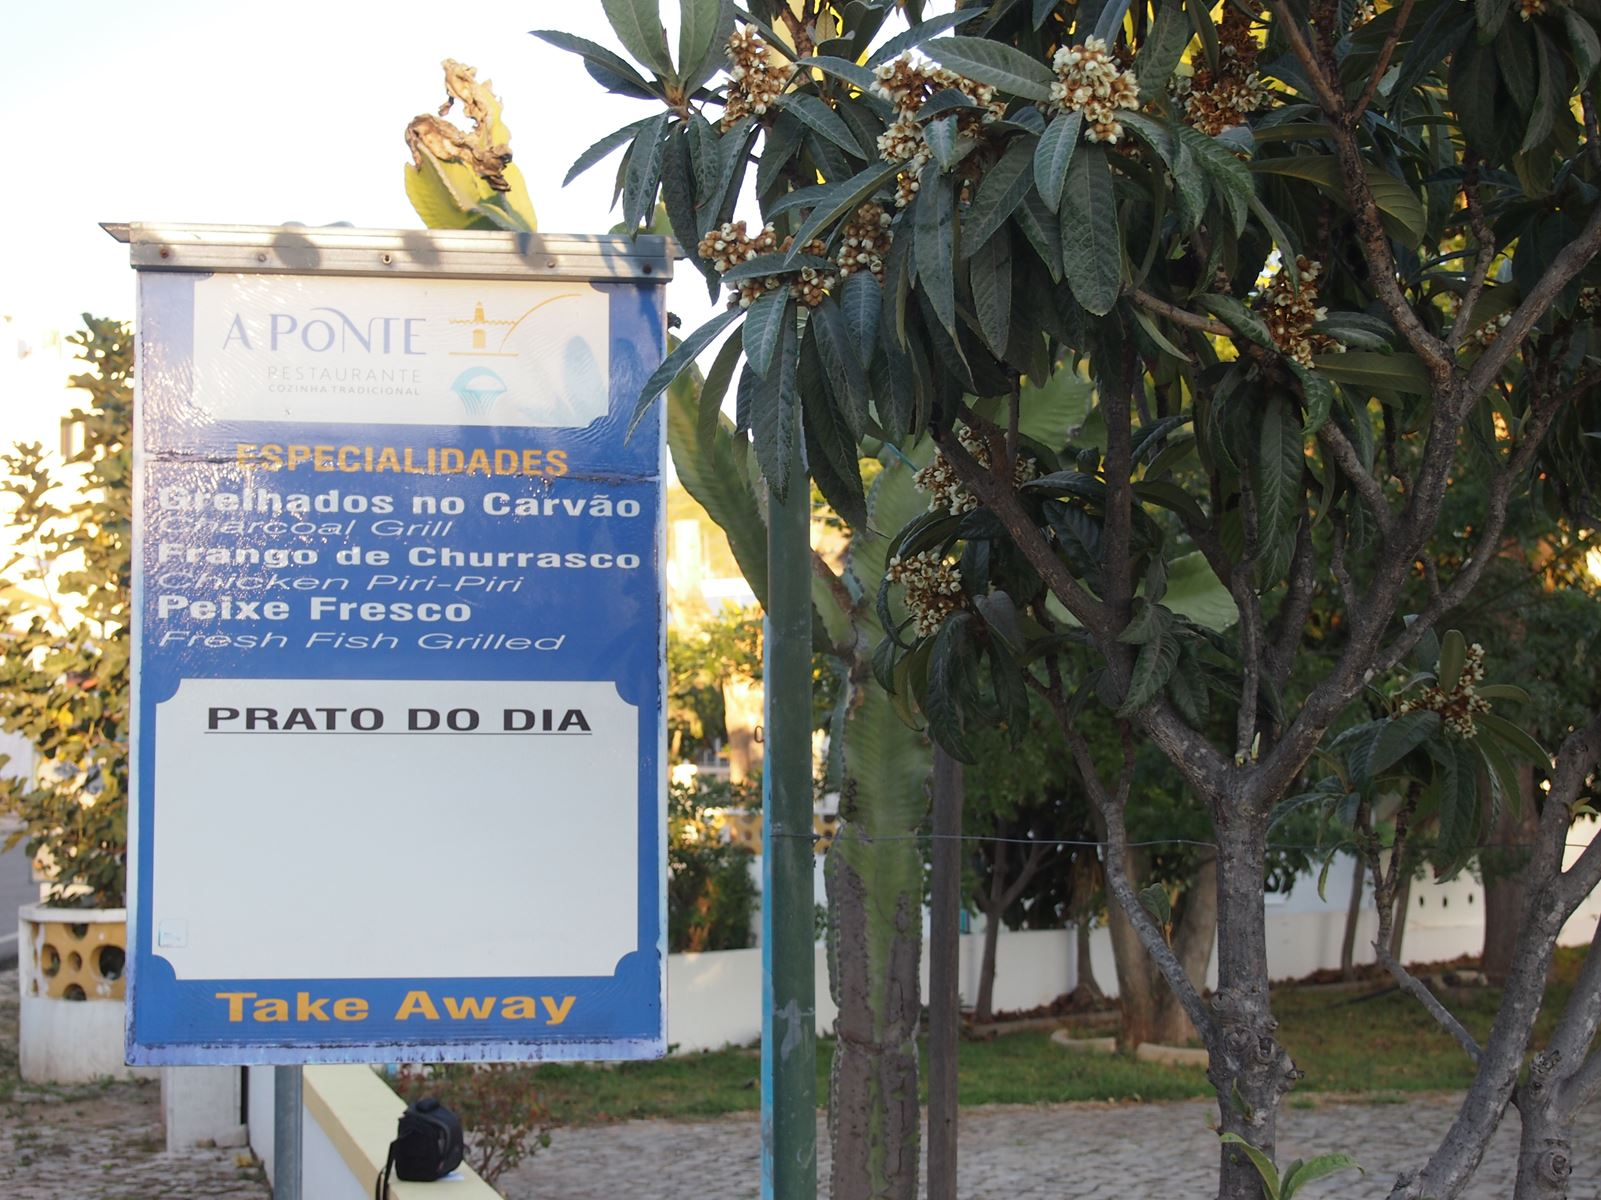 A Ponte restaurant, Alte, Algarve